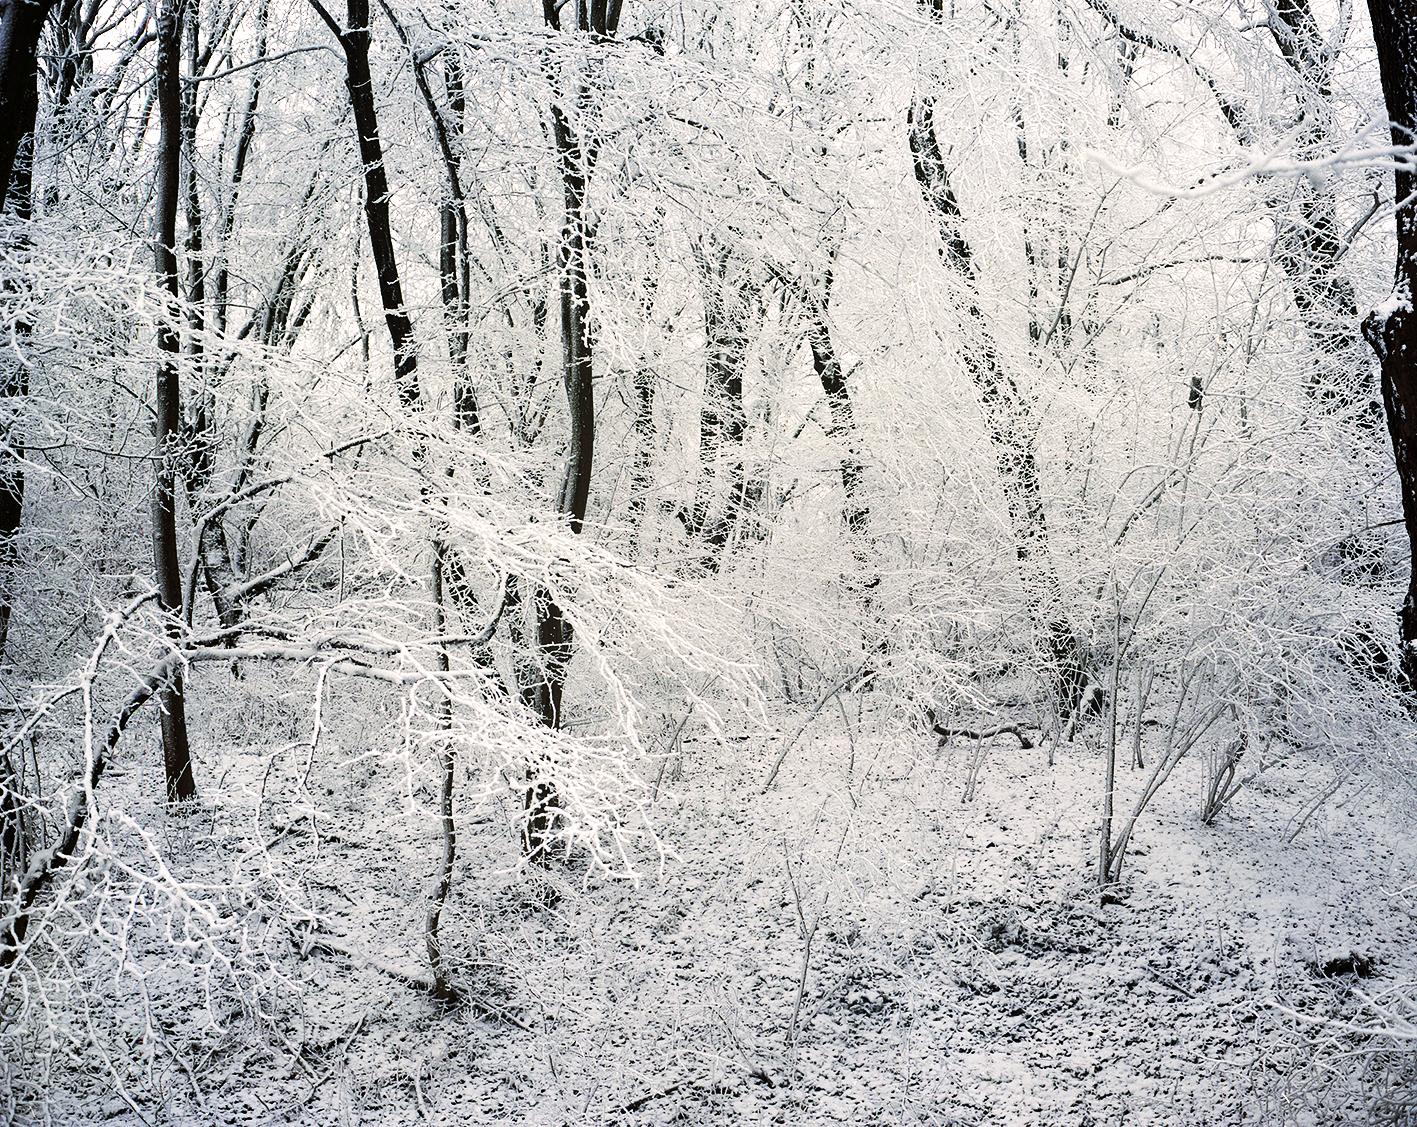 Vienna_Winter_JamieMSmioth- (2).jpg